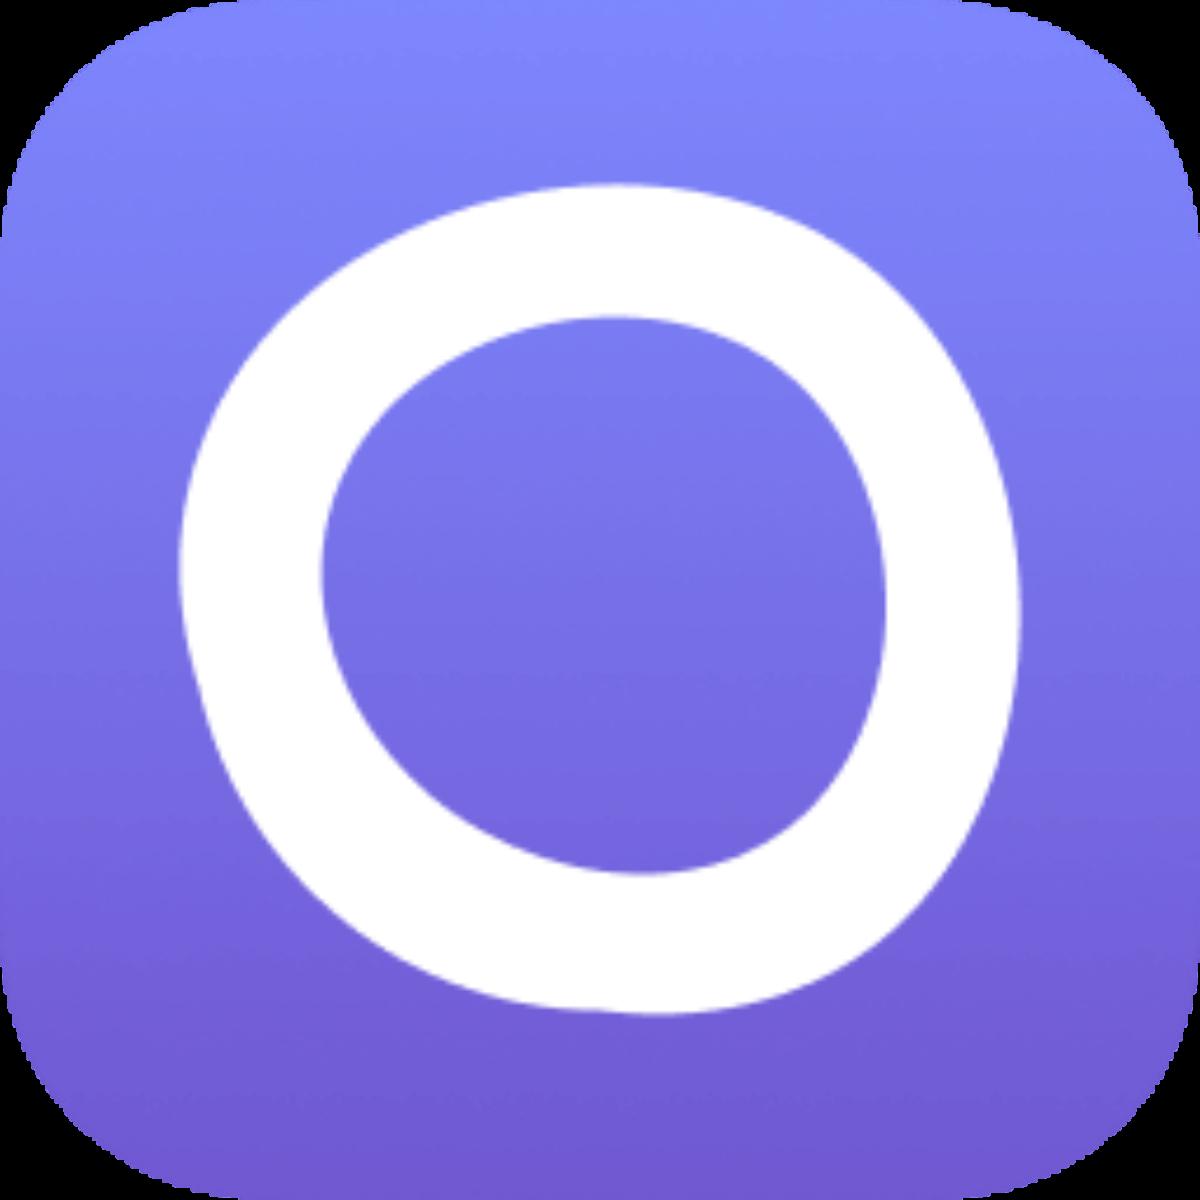 Halo app icon